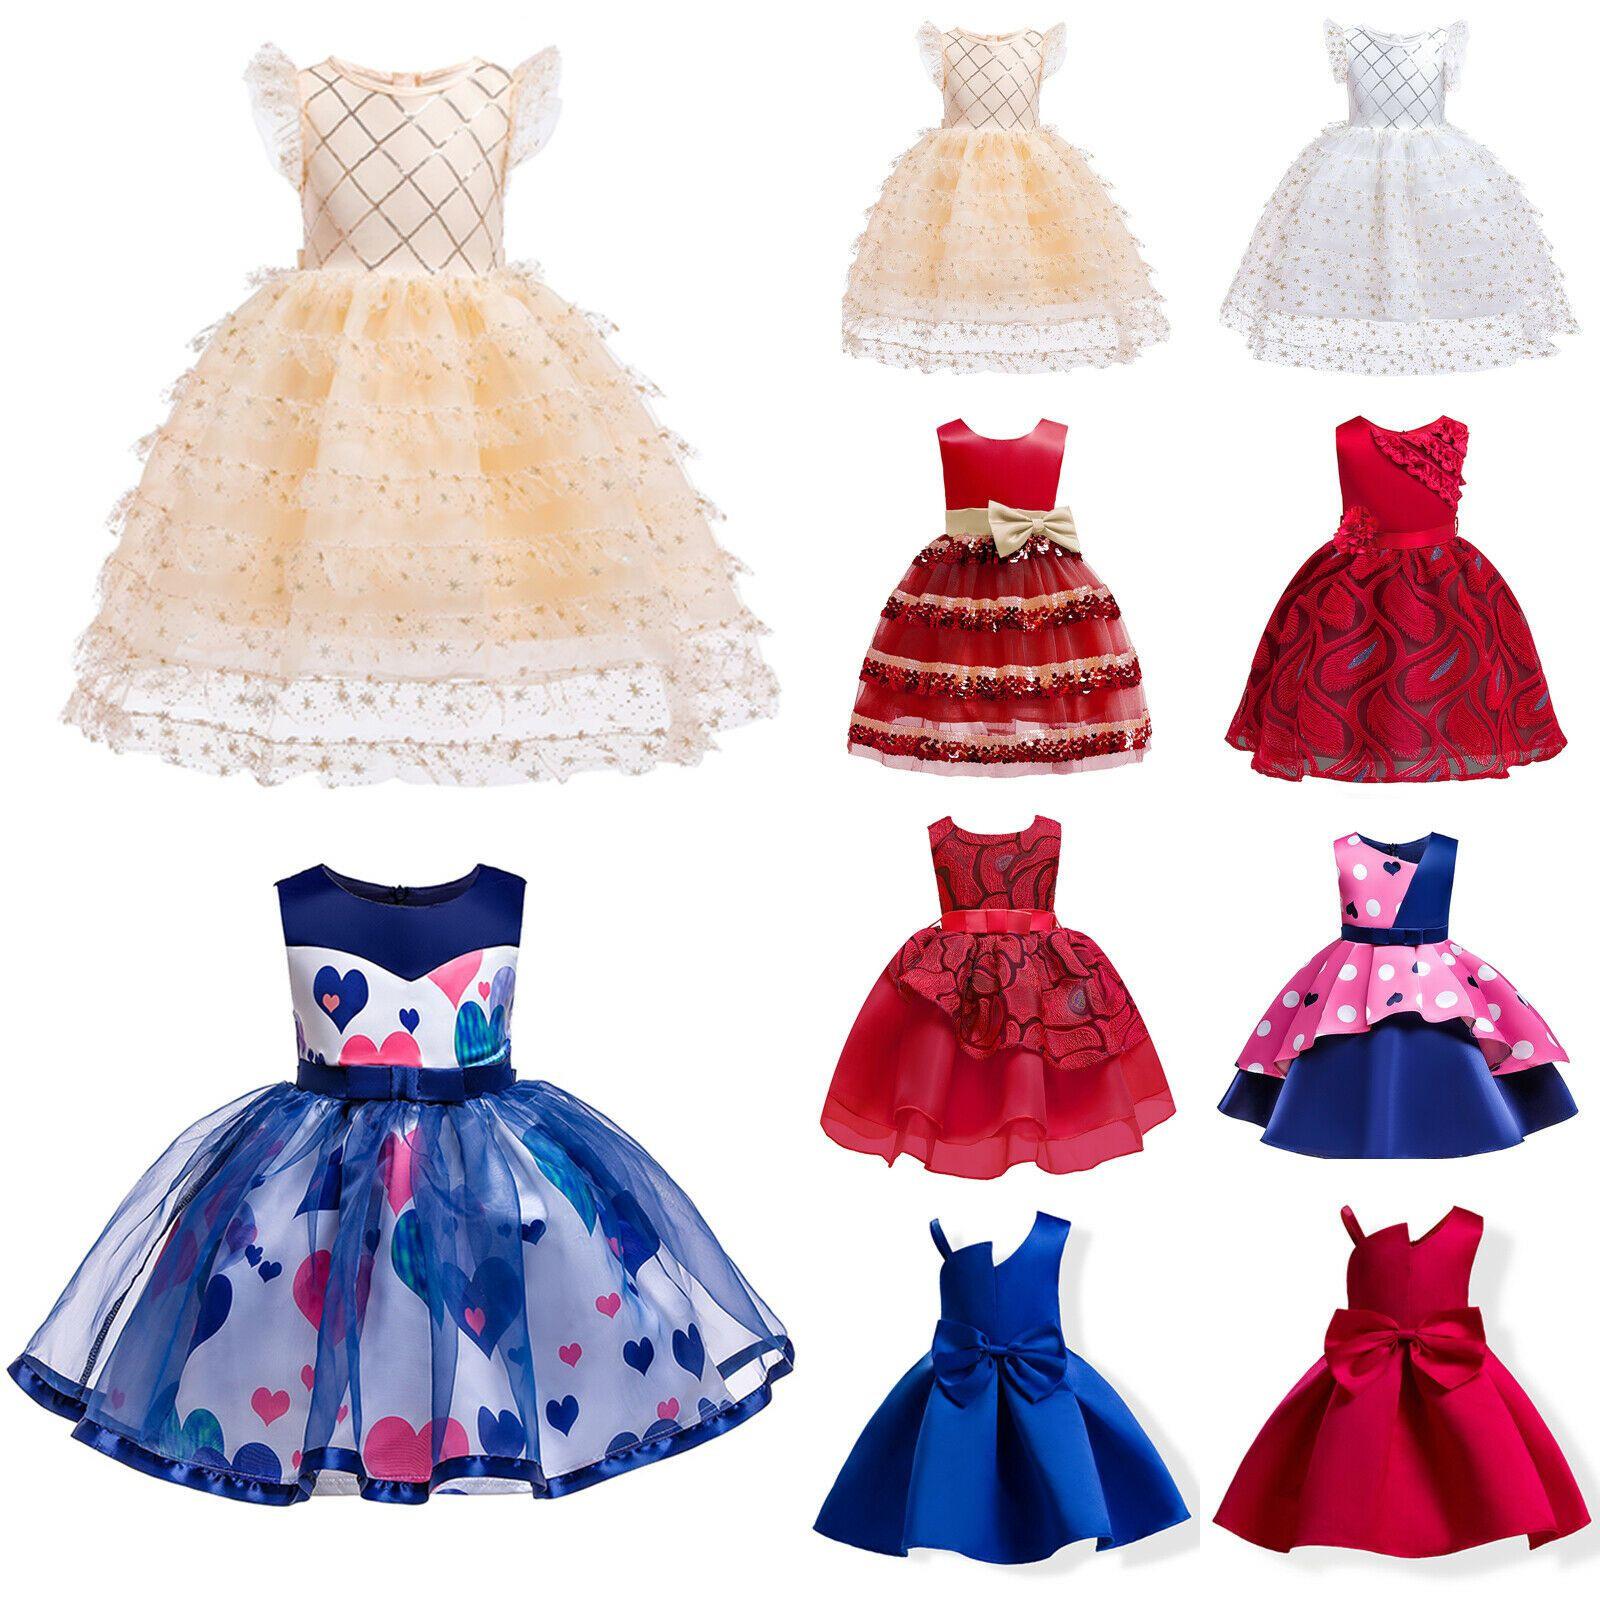 15 Spektakulär Mädchen Abendkleid Bester PreisFormal Genial Mädchen Abendkleid Spezialgebiet